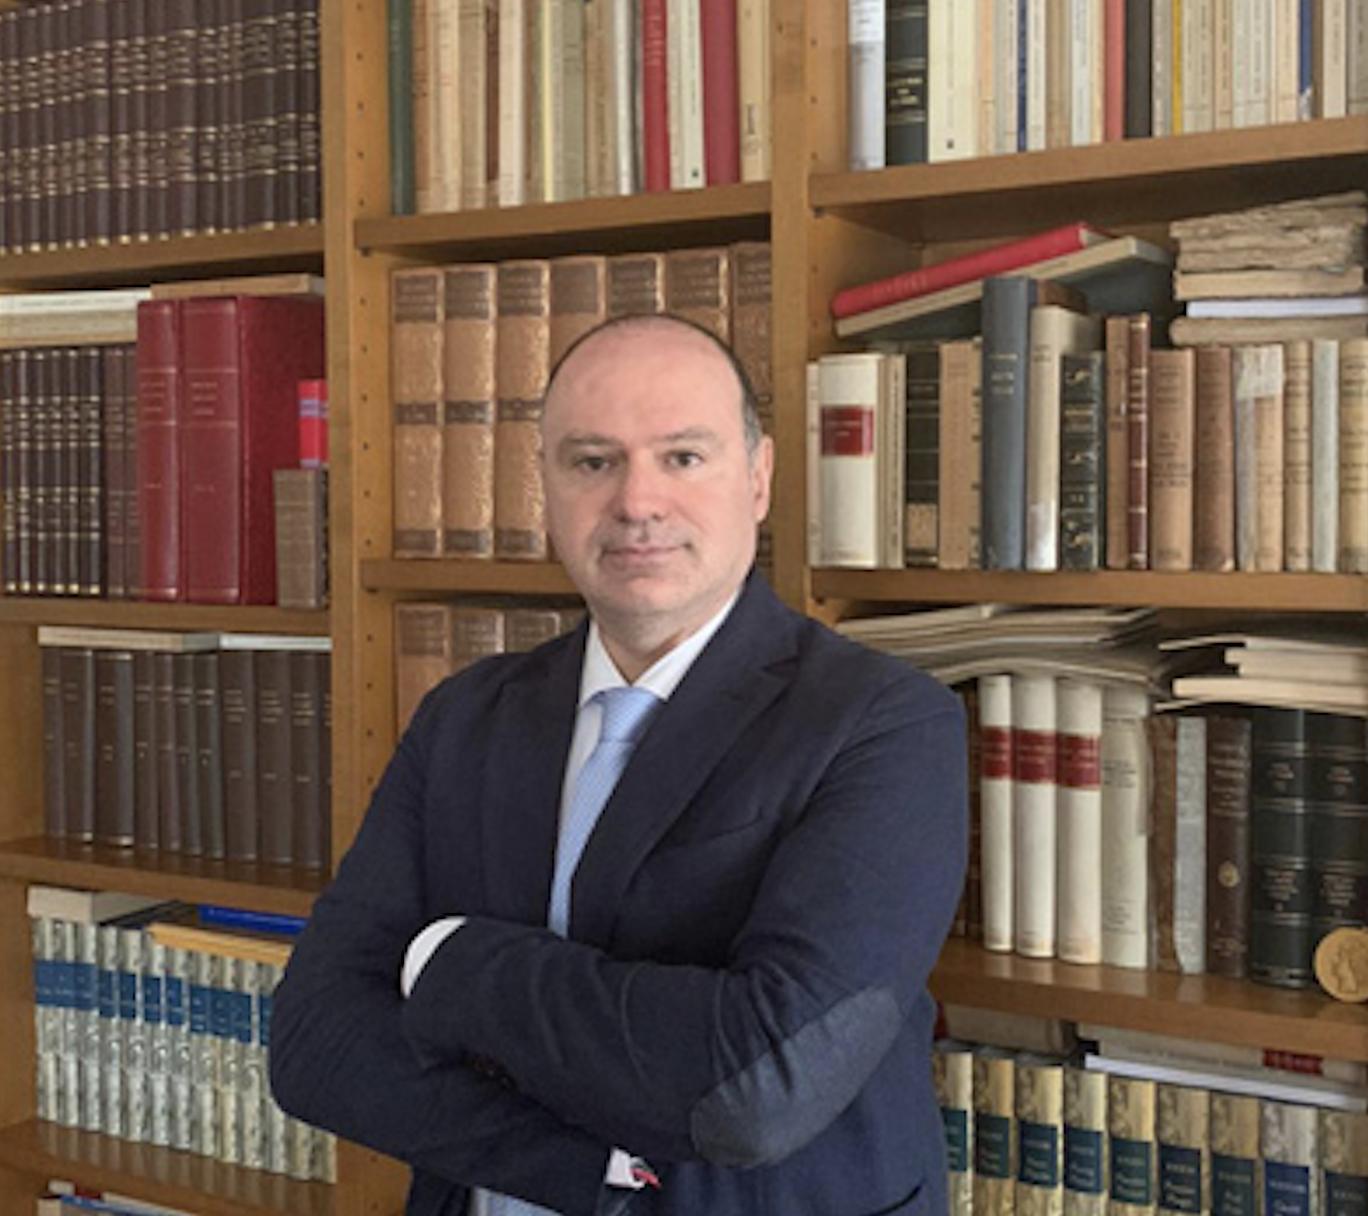 francesco mazza, ufficio stampa studio legale meplaw